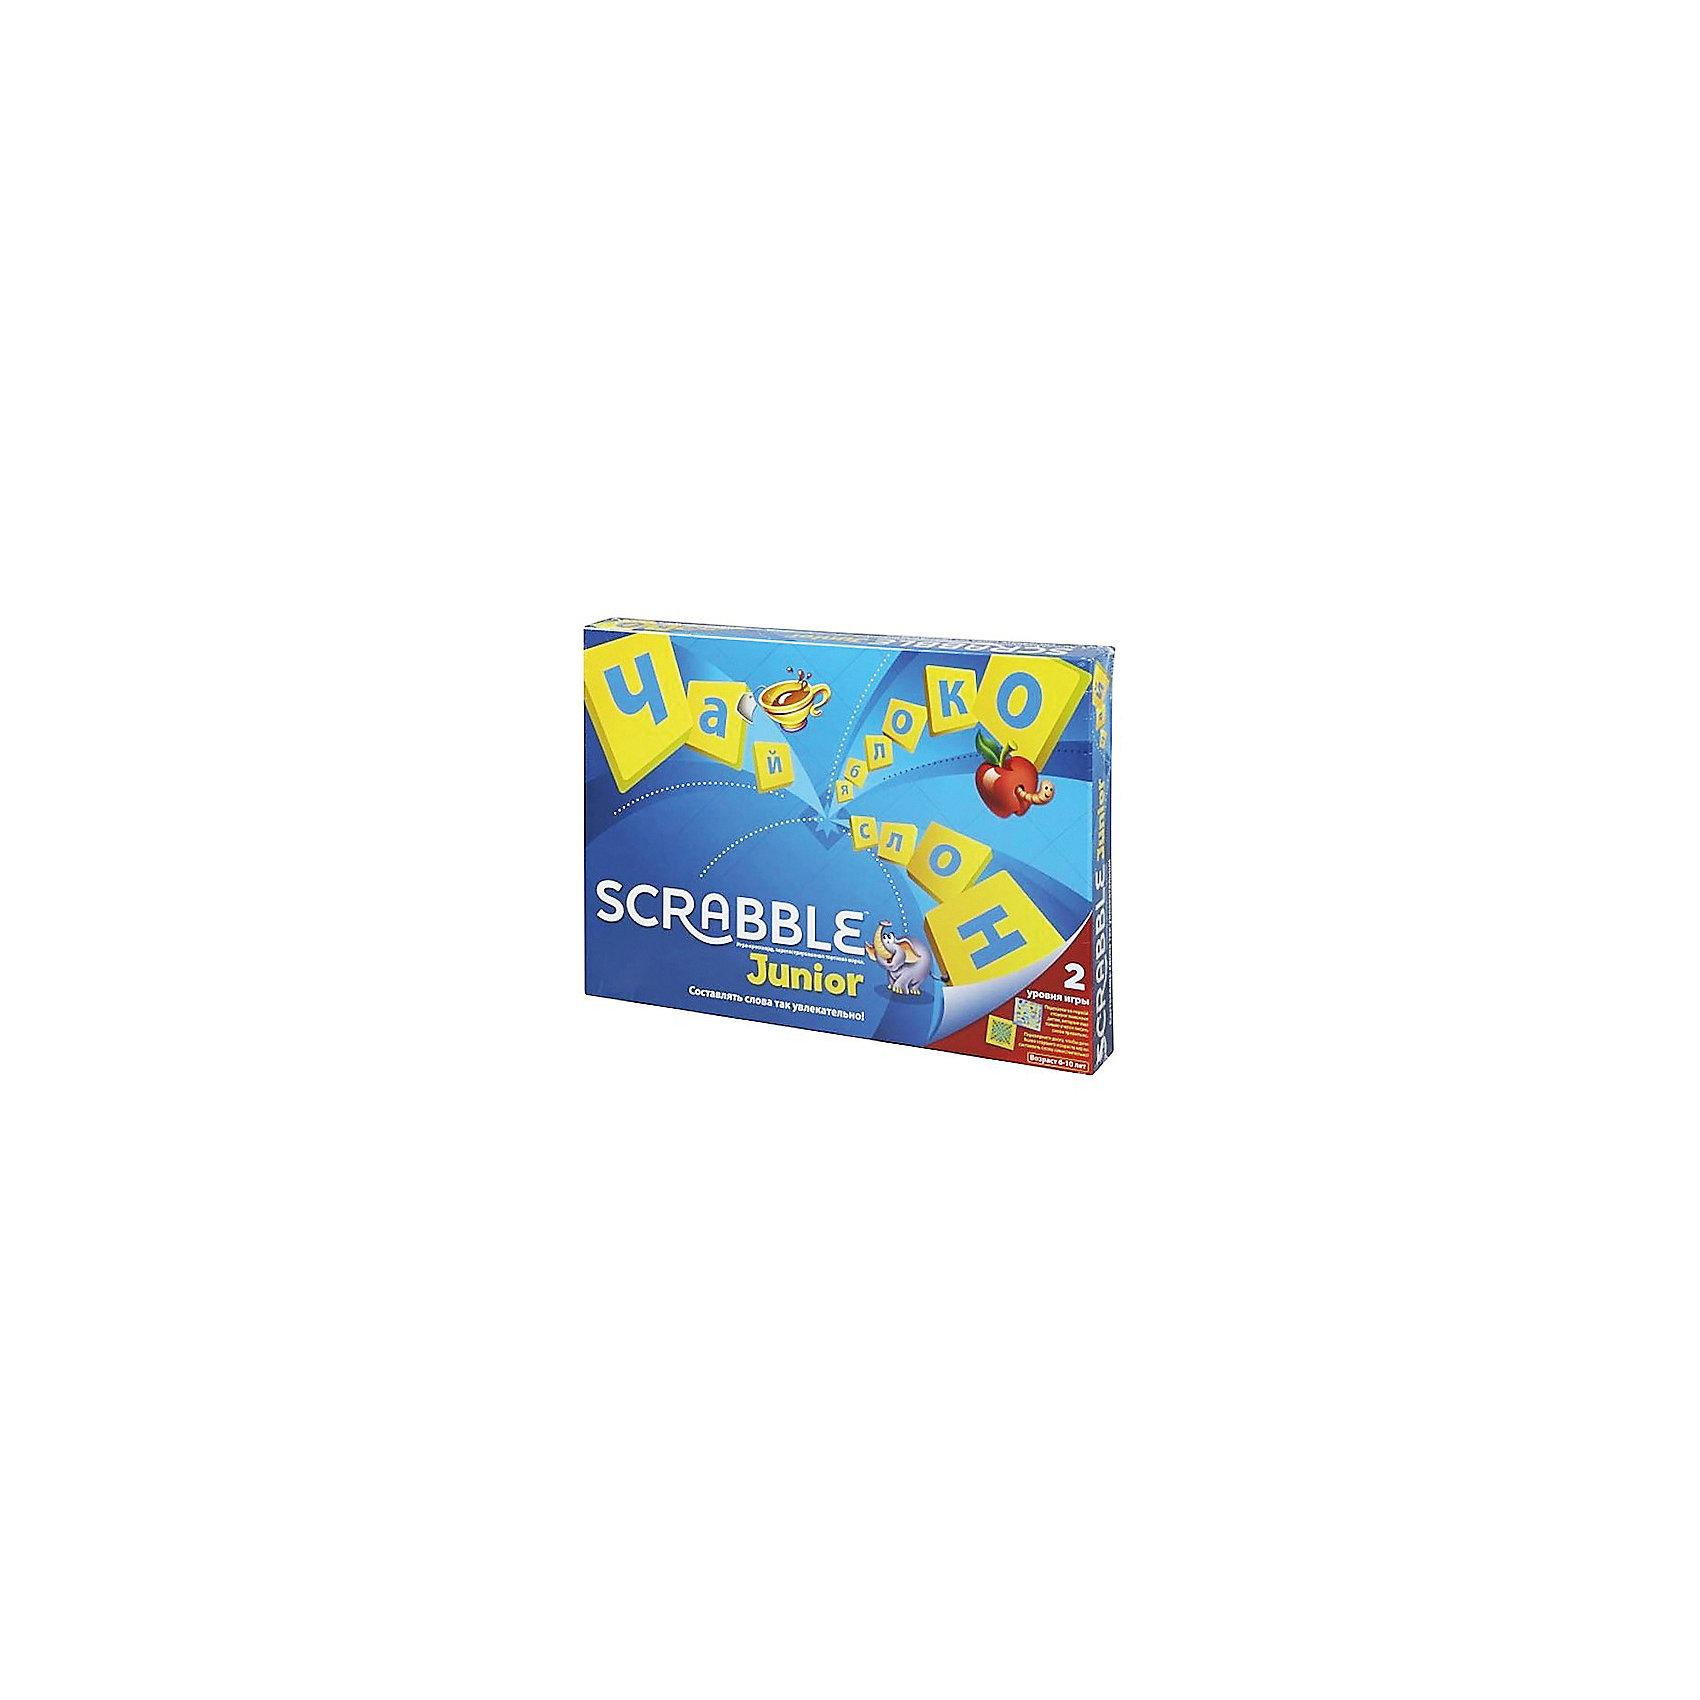 Настольная игра Скрабл Джуниор, Mattel GamesДля больших компаний<br>Настольная детская игра Скрабл Джуниор (Scrabble) - увлекательная и захватывающая игра, в которую можно играть всей семьей. Игра поможет ребенку познакомиться с алфавитом, новыми словами и их правильным написанием. Игровое поле «Скрабл Джуниор» имеет две стороны, каждая из которых предназначена для двух разных игр: «Слова и картинки» и «Цвета и жетоны». Первый вариант рассчитан на детей 5 -8 лет с подсказками слов на поле, второй вариант для детей от 7 лет - игра по-взрослому, без подсказок.<br><br>Сюжет игры Скрэббл - составлять слова из имеющихся на руках фишек с буквами. Голубая сторона доски предназначена для игры «Слова и картинки». На этом игровом поле изображены слова с иллюстрациями. В процессе игры дети составляют из фишек с буквами слова на основе картинок. За каждое составленное слово участник получает голубой жетон. Победителем становится игрок с наибольшим количеством жетонов.<br><br>Вторая сторона игровой доски имеет желто-оранжевый цвет и предназначена для игры «Цвета и жетоны». Эта игра подходит детям старшего возраста. Игроки получают по пять фишек с буквами, из которых они должны составить слова по принципу кроссворда. Перед следующим ходом игрок добирает израсходованные фишки. За каждую использованную букву игрок получает очко. Цель игры - набрать как можно больше очков. В игре могут участвовать от 2 до 4 игроков.<br><br>Дополнительная информация:<br><br>- В комплекте: двусторонняя игровая доска, 84 косточки с буквами, включая две пустые, 30 голубых жетонов, мешочек для косточек, буклет с правилами игры на русском языке.<br>- Материал: высококачественный пластик.<br>- Размер упаковки:  37 ? 27 ? 4,5 см.<br>- Вес: 0,683 кг. <br><br>Настольную детскую игру Скрабл Джуниор, Mattel можно купить в нашем интернет-магазине.<br><br>Ширина мм: 370<br>Глубина мм: 45<br>Высота мм: 265<br>Вес г: 683<br>Возраст от месяцев: 60<br>Возраст до месяцев: 84<br>Пол: Унисекс<br>Возраст: Детский<br>SKU: